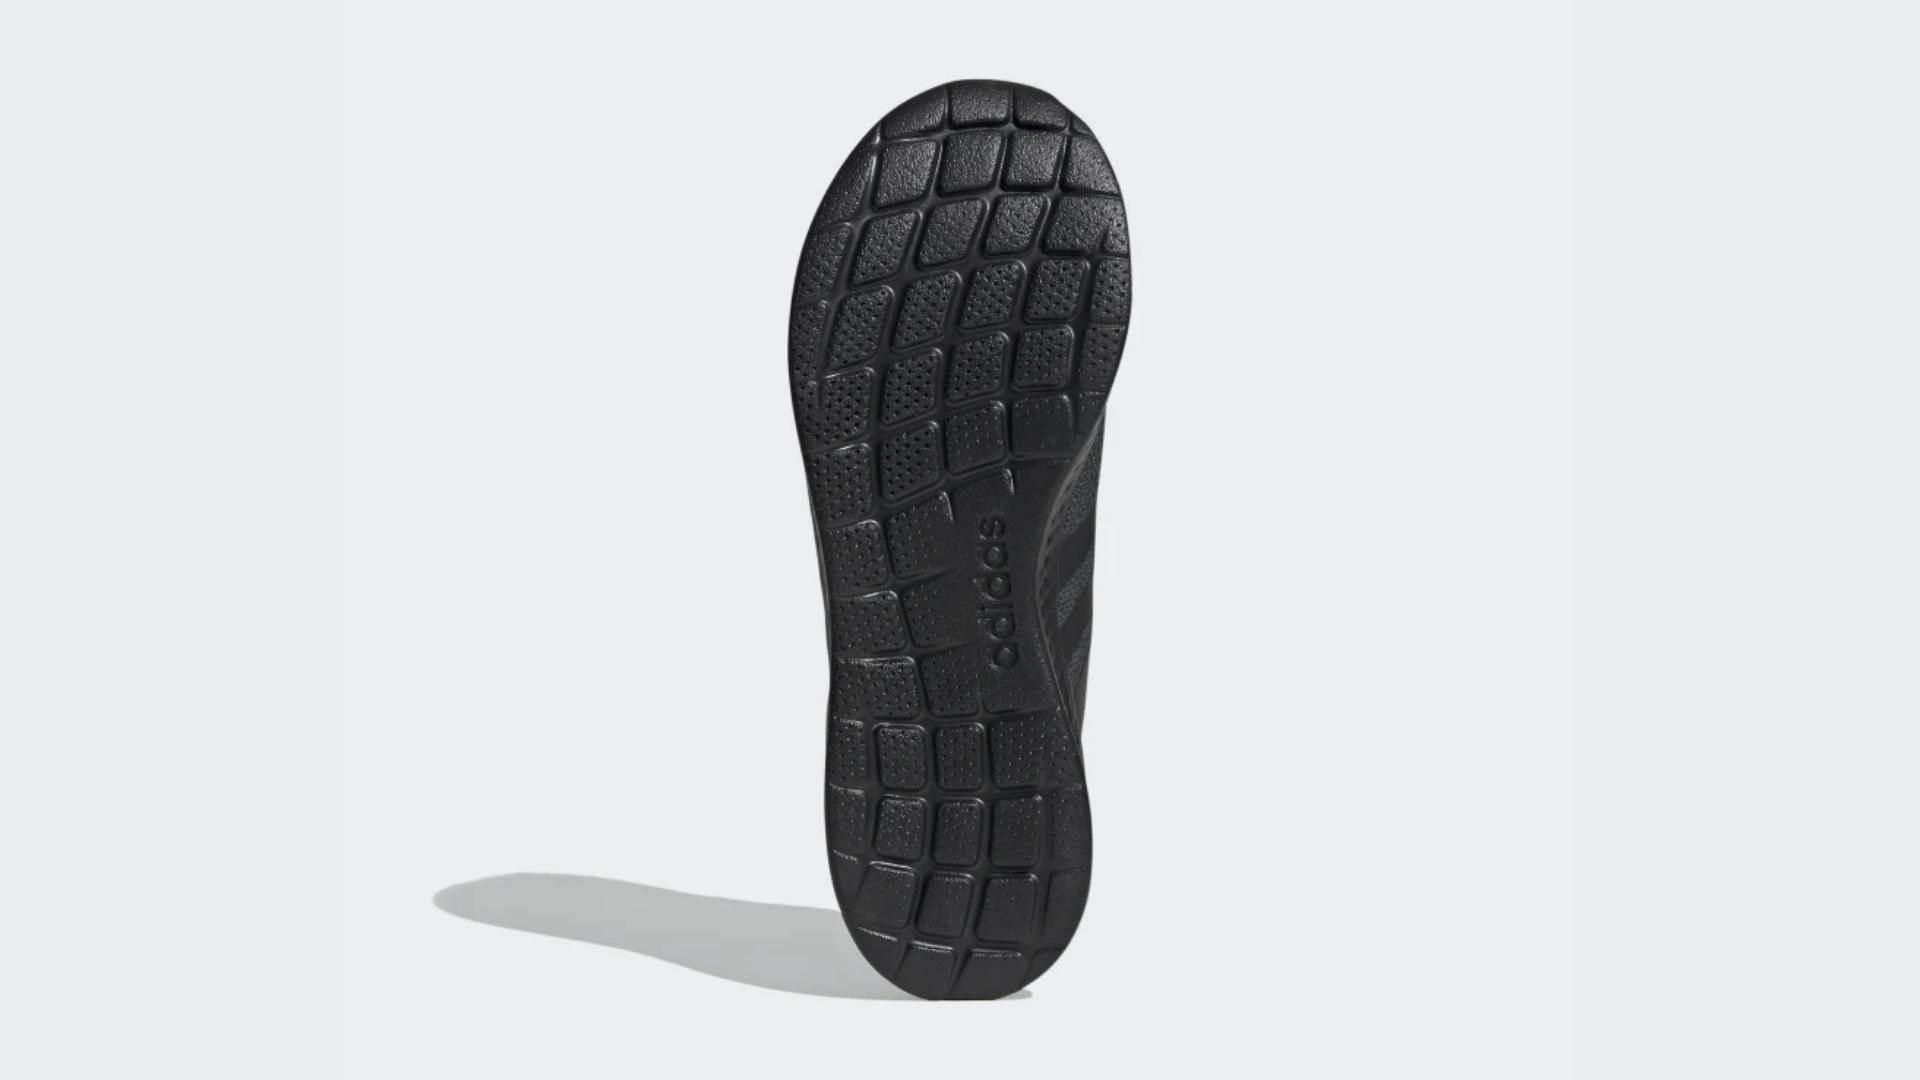 Adidas Puremotion possui solado de borracha resistente e que adere bem a qualquer tipo de solo (Imagem: Divulgação/Adidas)